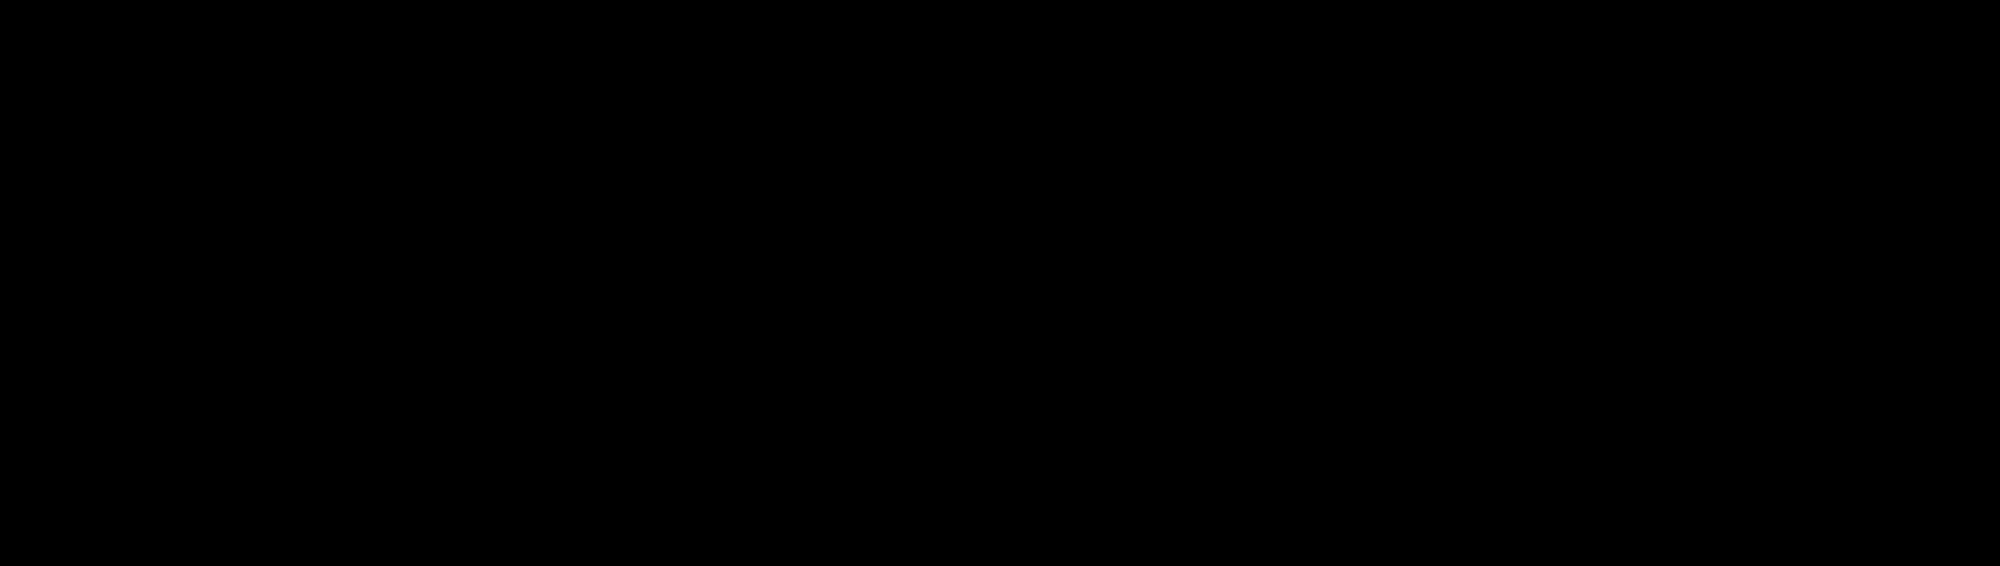 Calphalon cutlery logo